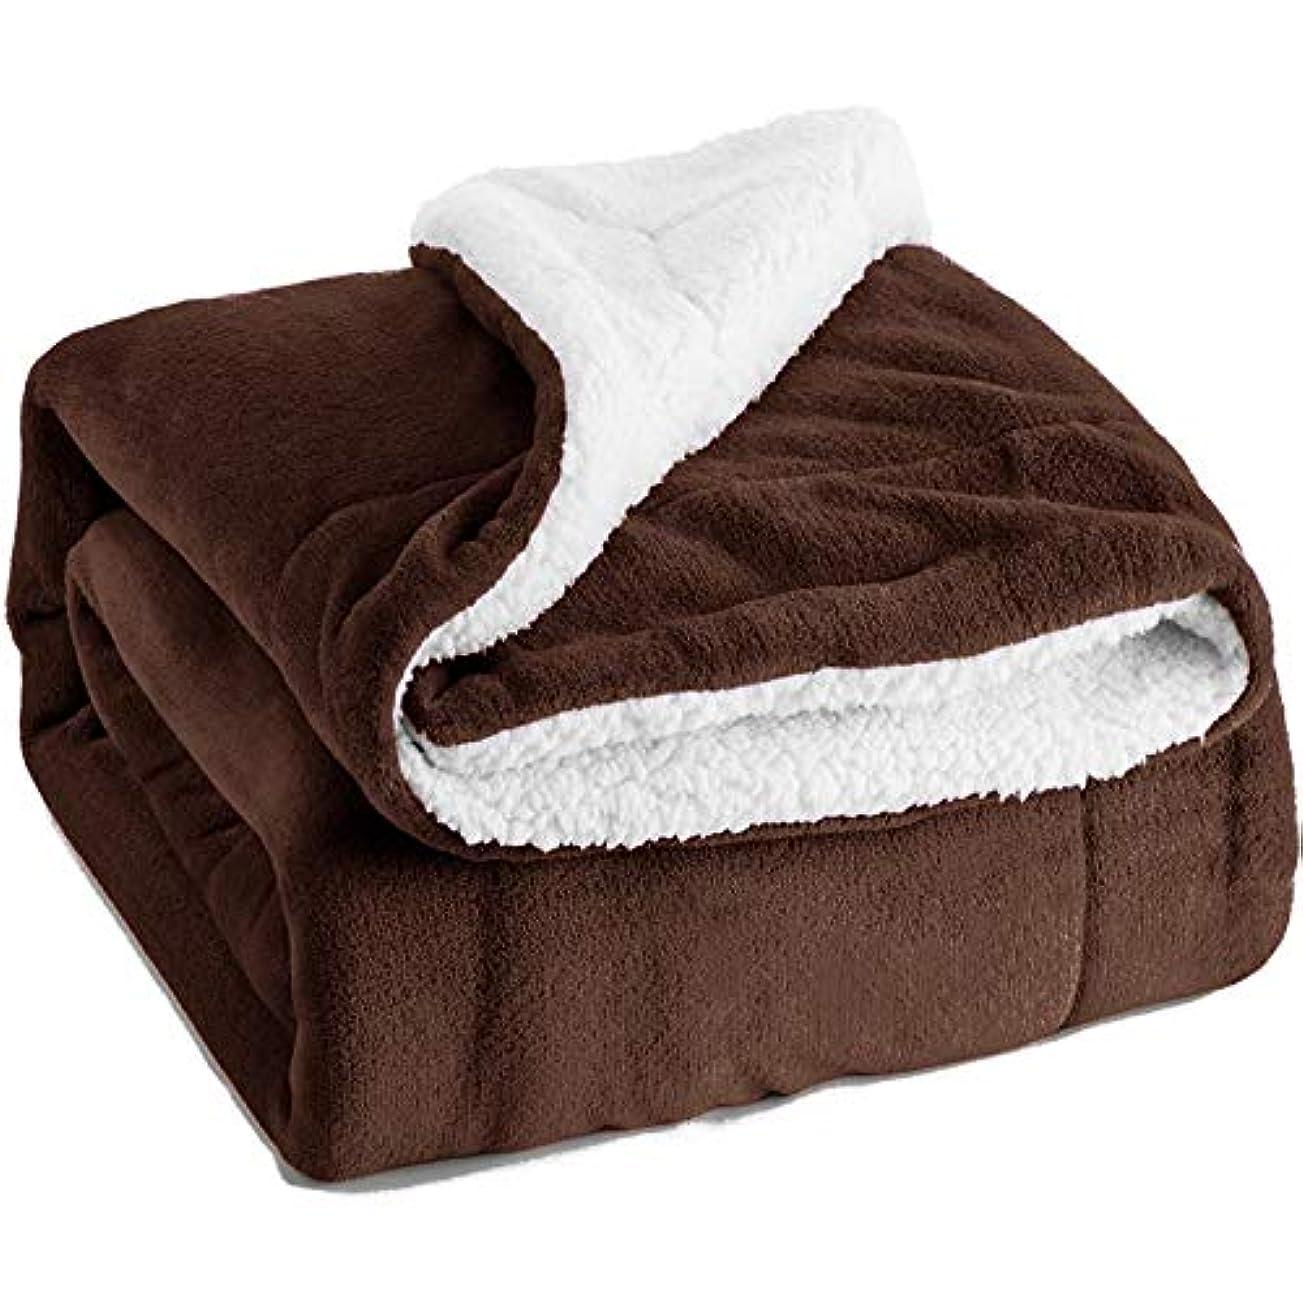 属性オークランド感謝するビーチタオル、プールタオルフランネルソフトクイックドライ軽量吸収性豪華な毛布ブルーブラウンブラウングレー130 * 160センチ-Darkbrown